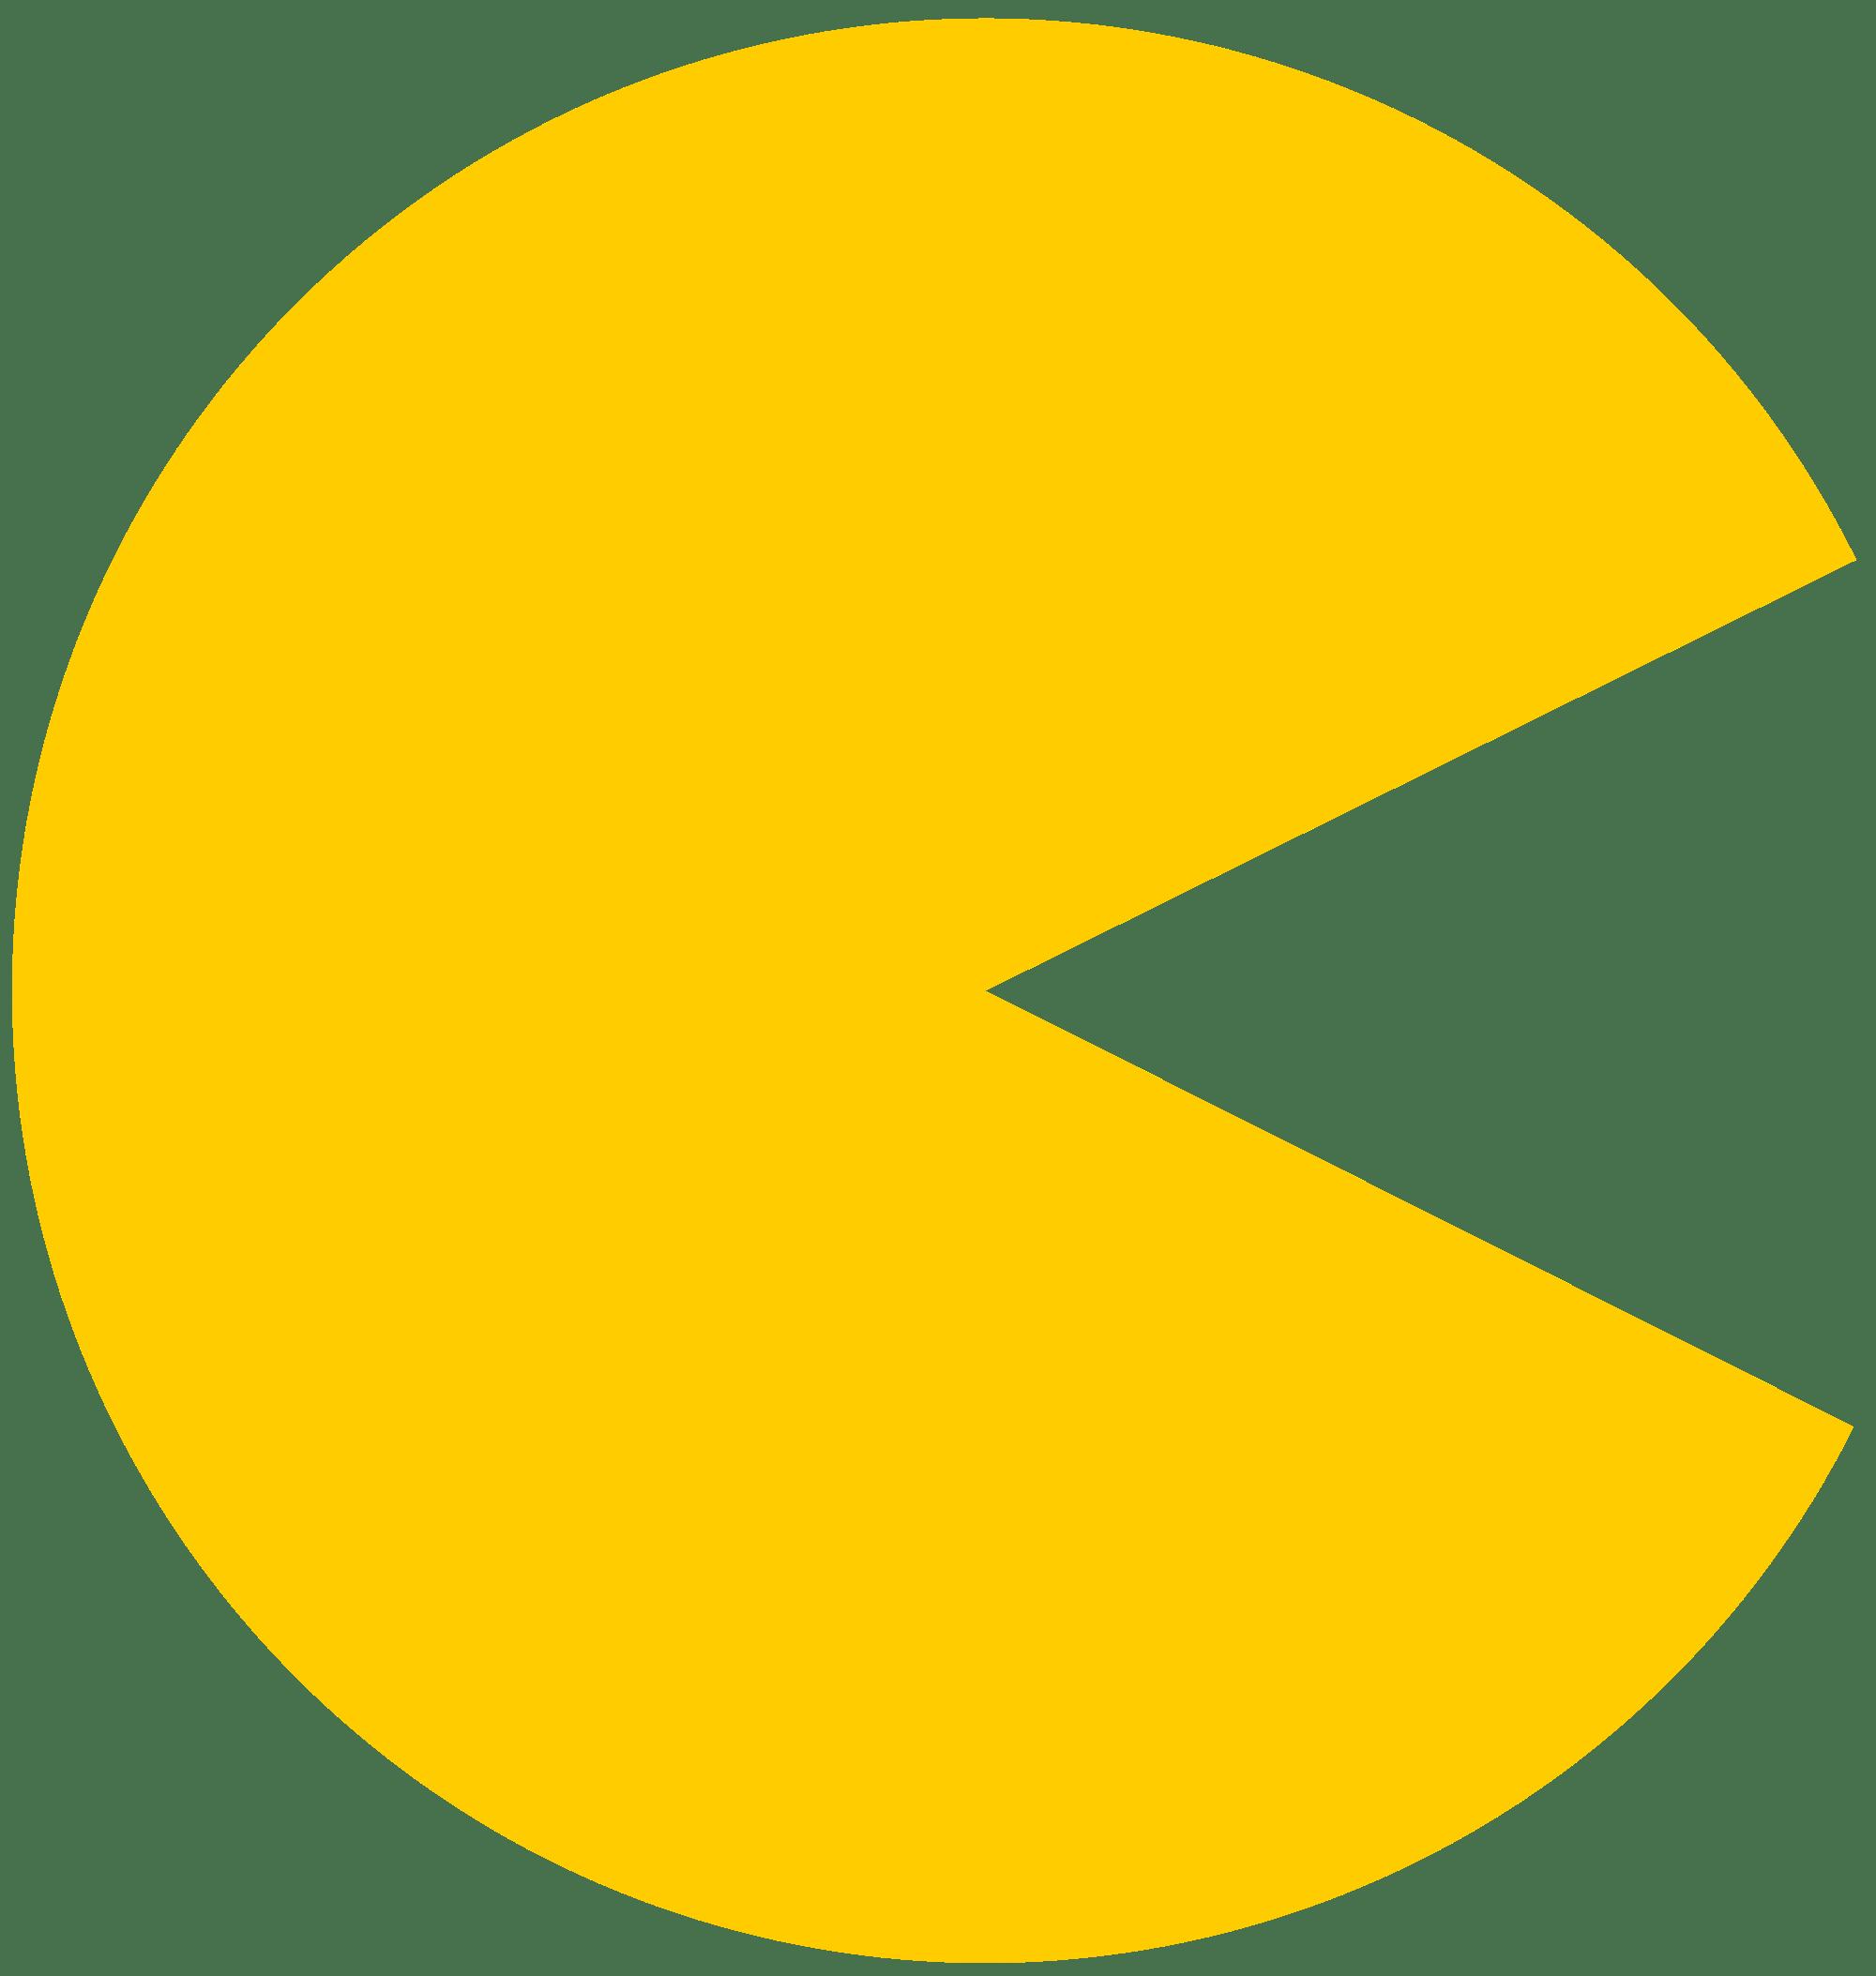 Pac Man Plain Yellow transparent PNG.